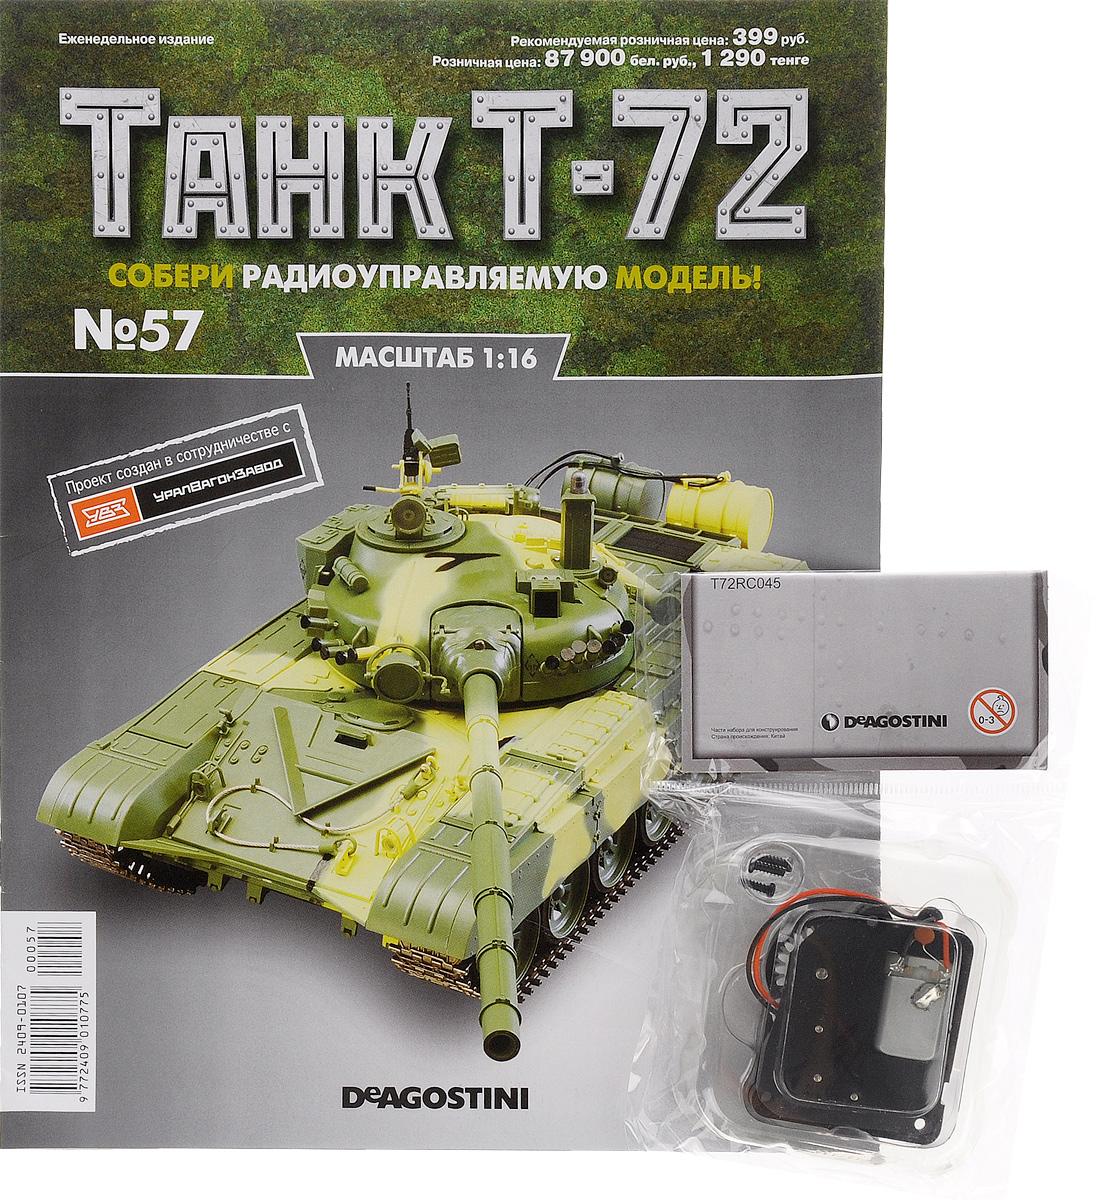 Журнал Танк Т-72 №57TANK057Перед вами - журнал из уникальной серии партворков Танк Т-72 с увлекательной информацией о легендарных боевых машинах и элементами для сборки копии танка Т-72 в уменьшенном варианте 1:16. У вас есть возможность собственноручно создать высококачественную модель этого знаменитого танка с достоверным воспроизведением всех элементов, сохранением функций подлинной боевой машины и дистанционным управлением. В комплекте: 1. Механизм вращения башни 2. Винты (3 шт) Категория 16+.